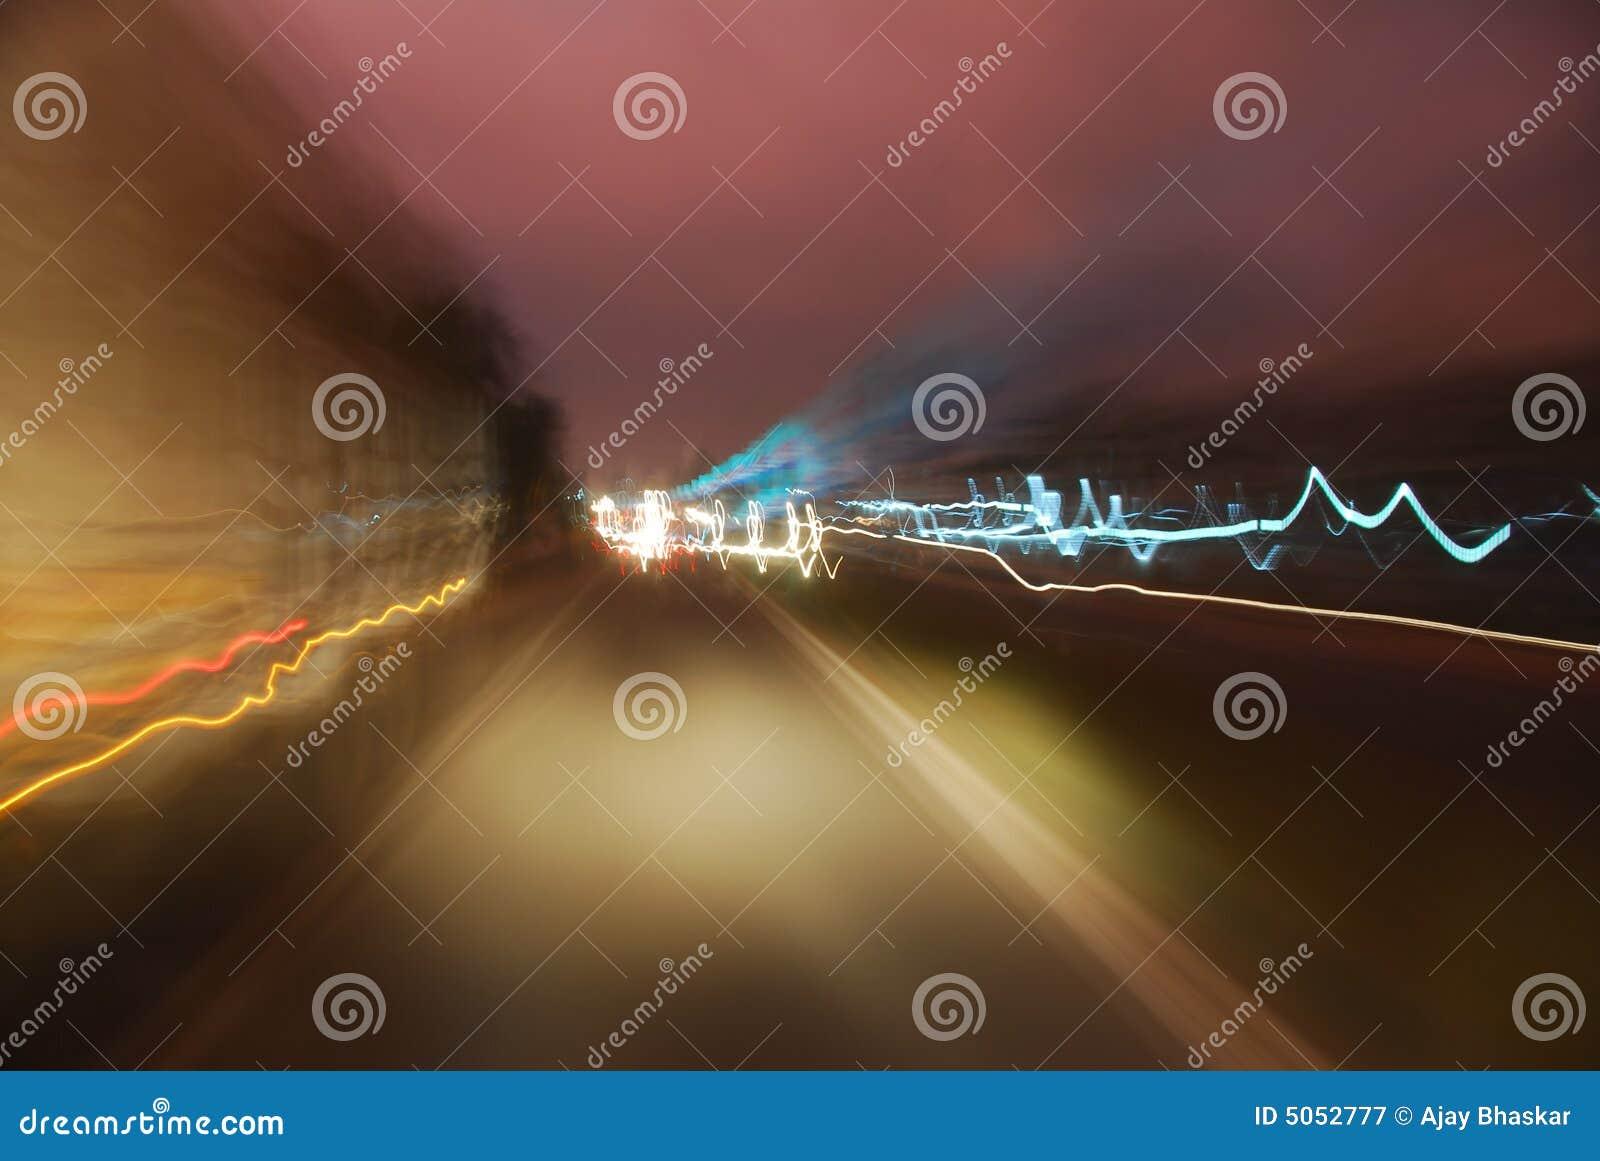 Abstrakt begrepp tänder trafik